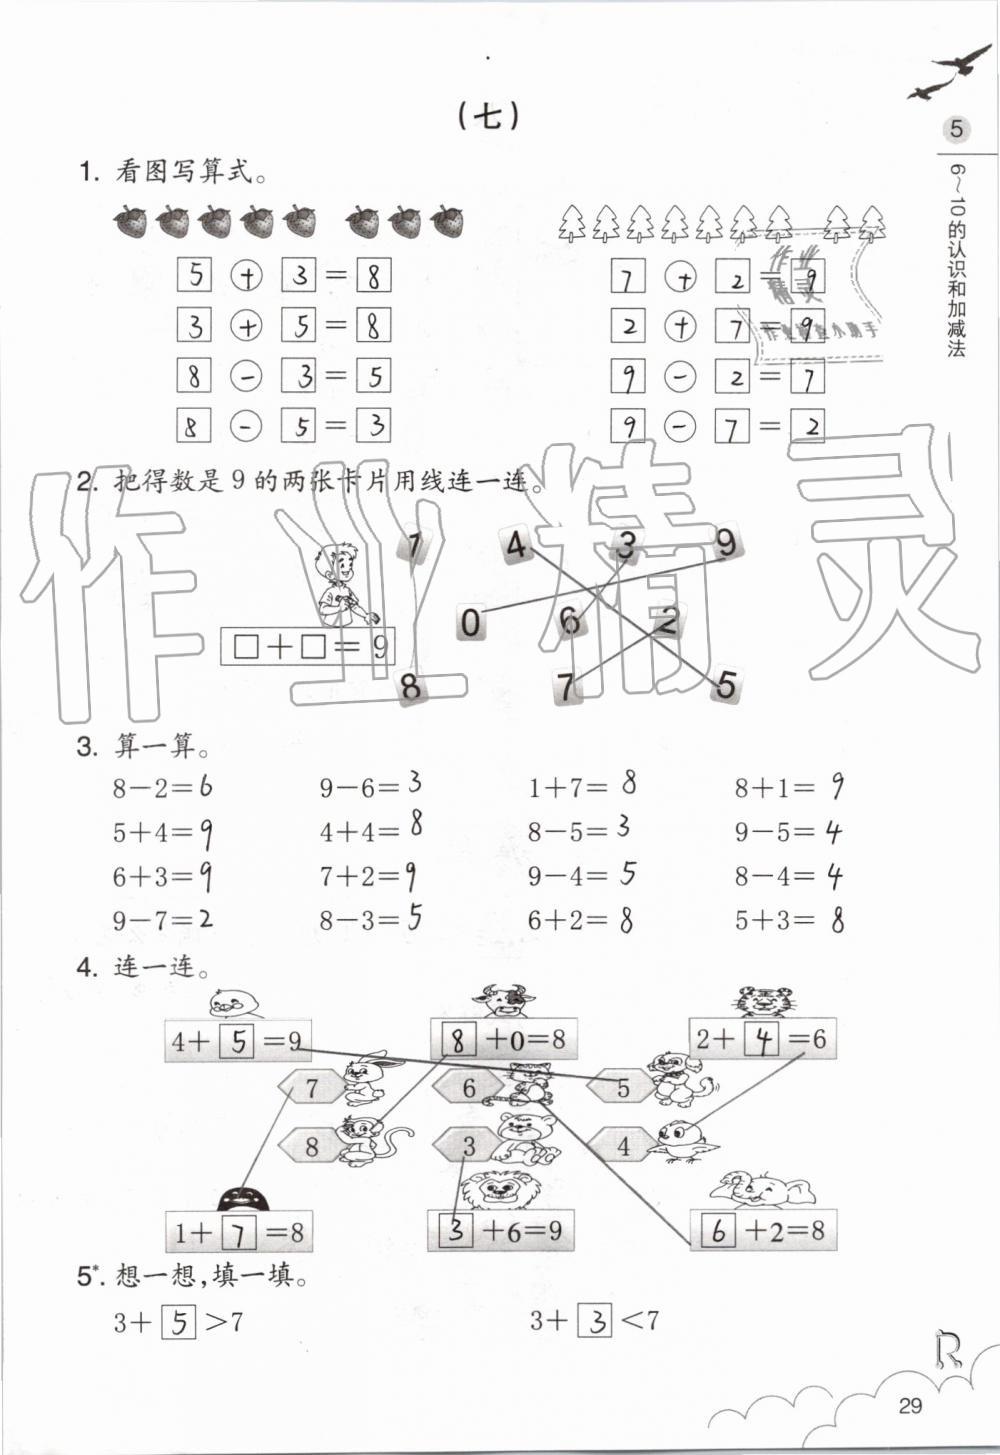 2019年数学课堂作业本一年级上册人教版浙江教育出版社第29页